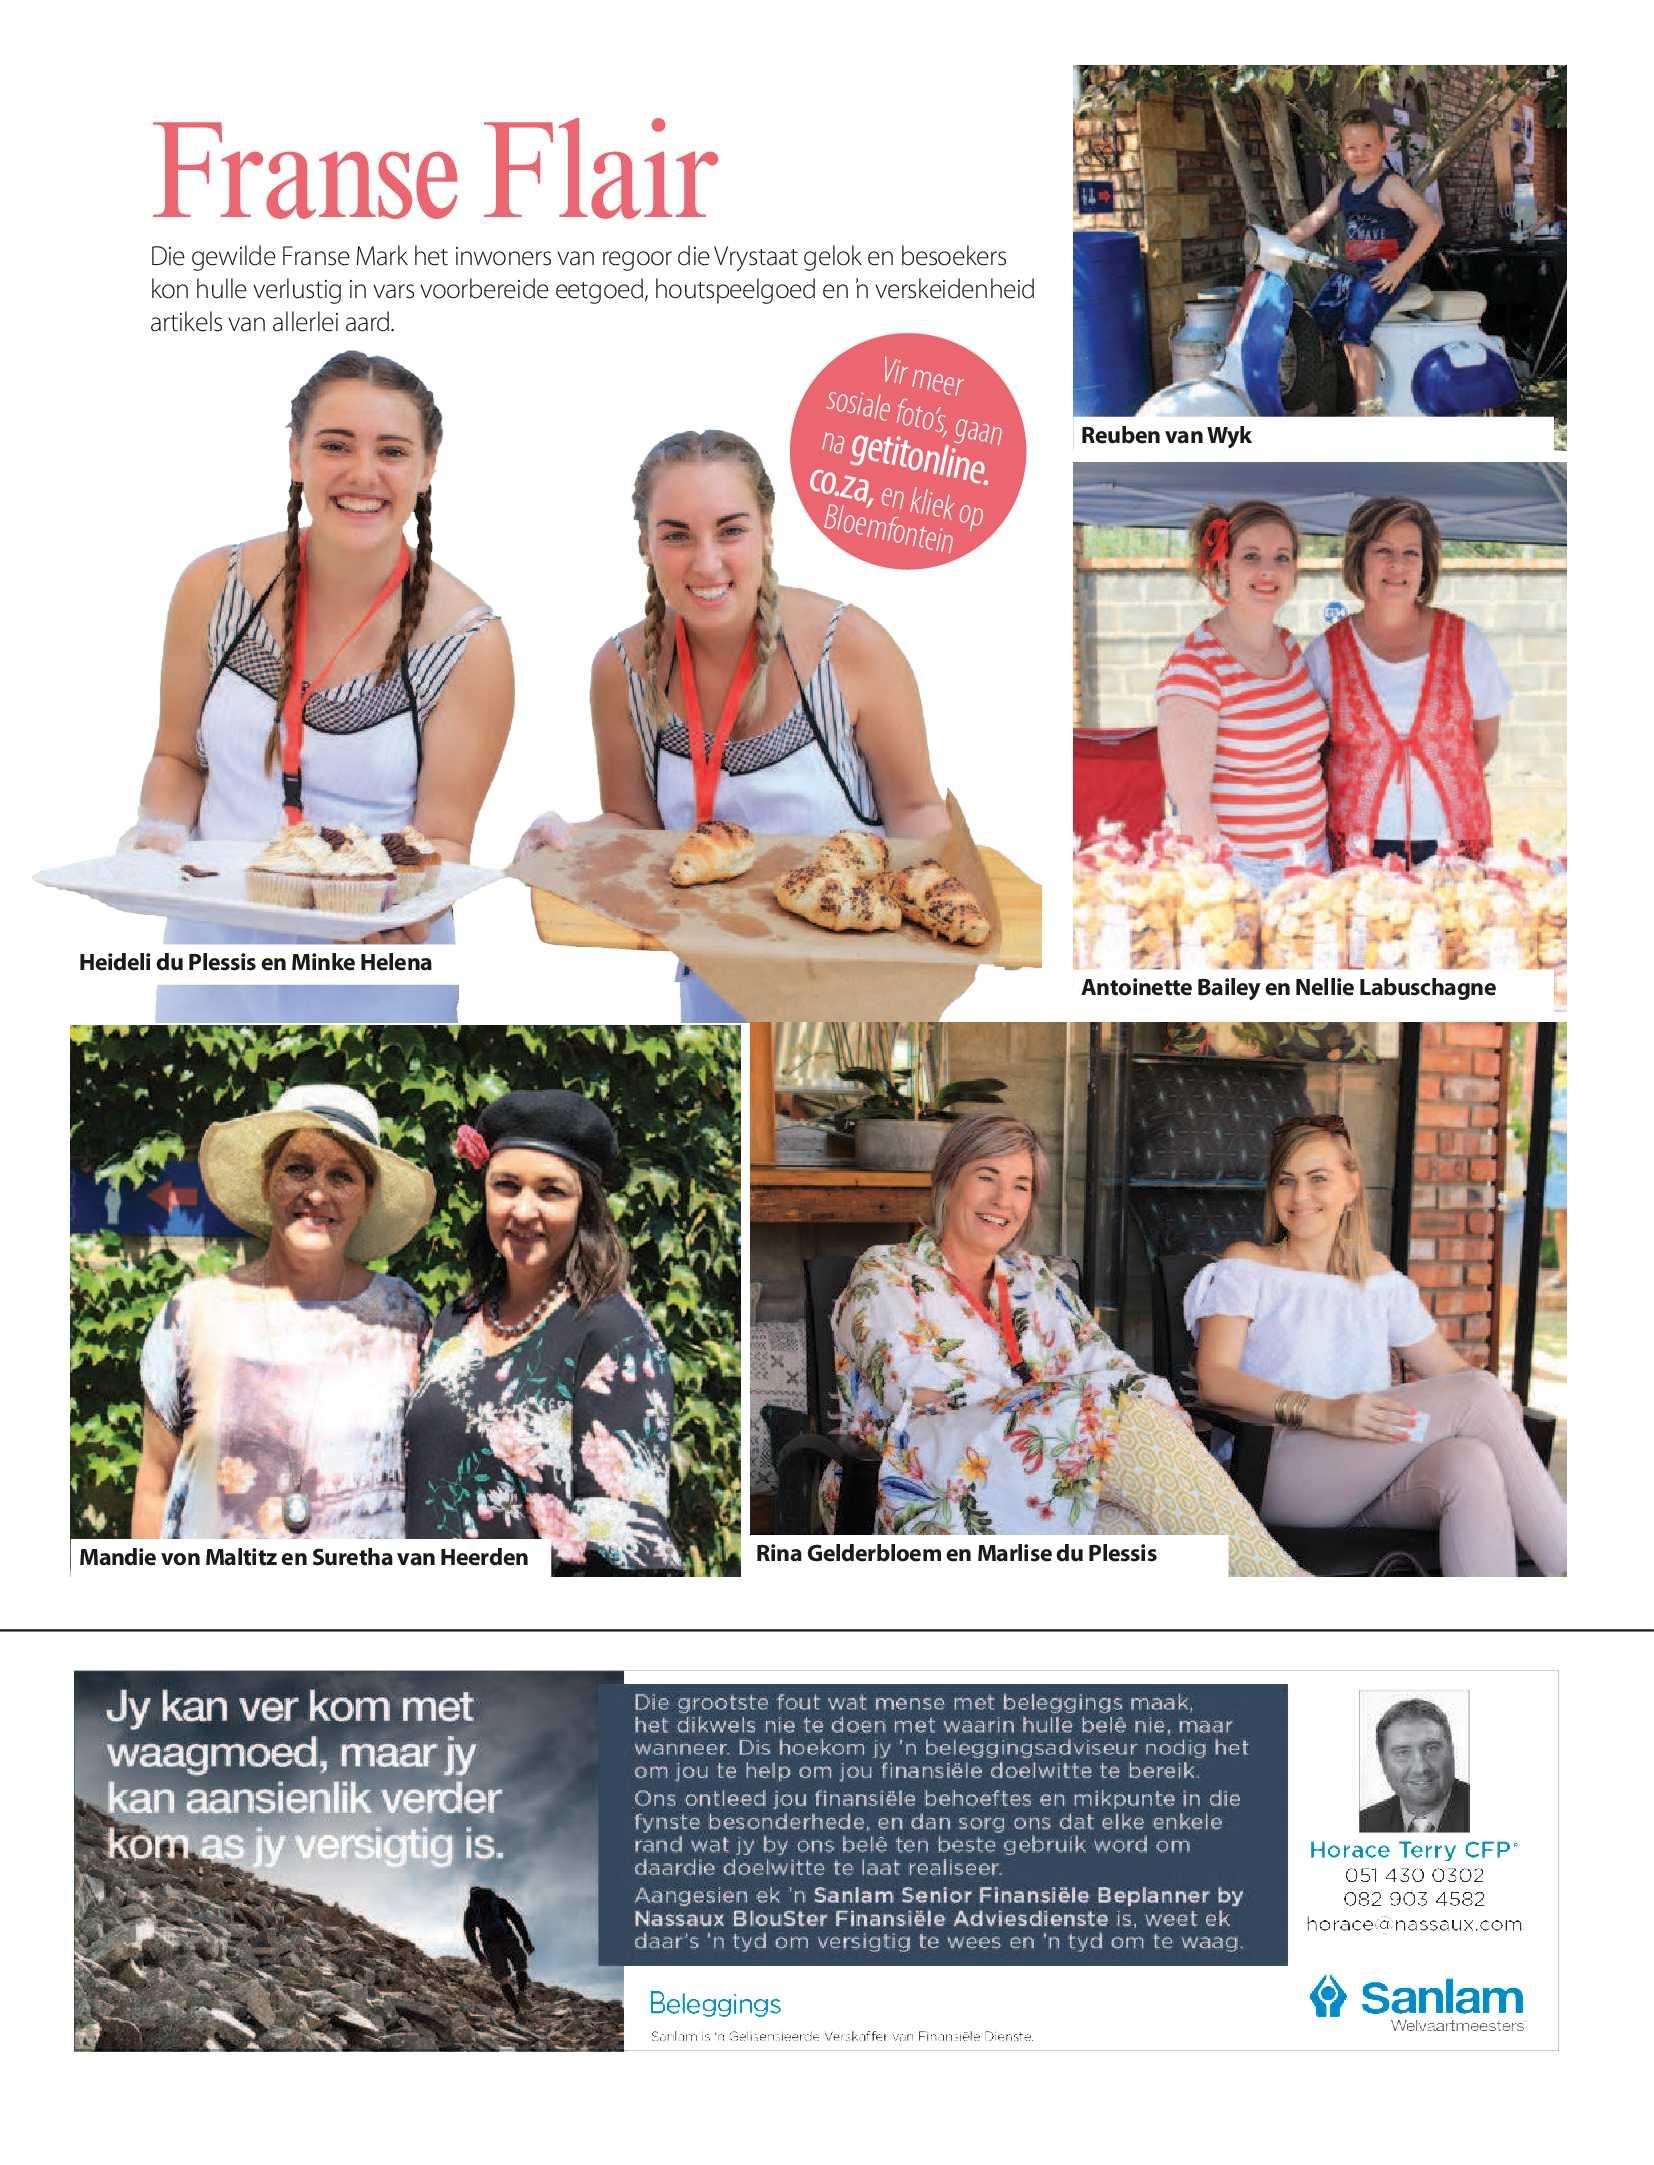 bloemfontein-get-april-epapers-page-10